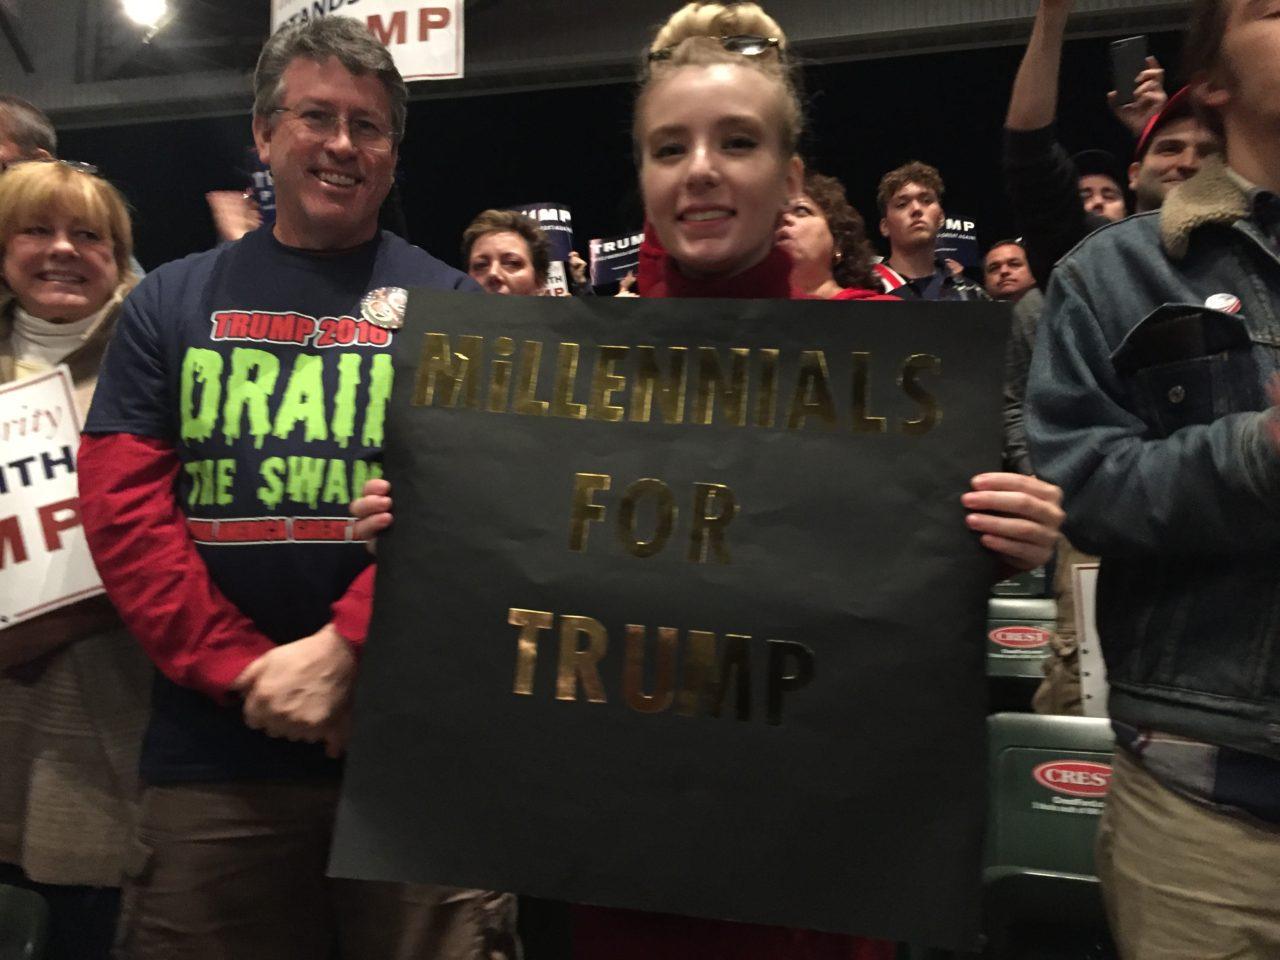 Millennials for Trump Sterling Heights Michigan Rally (Joel Pollak / Breitbart News)